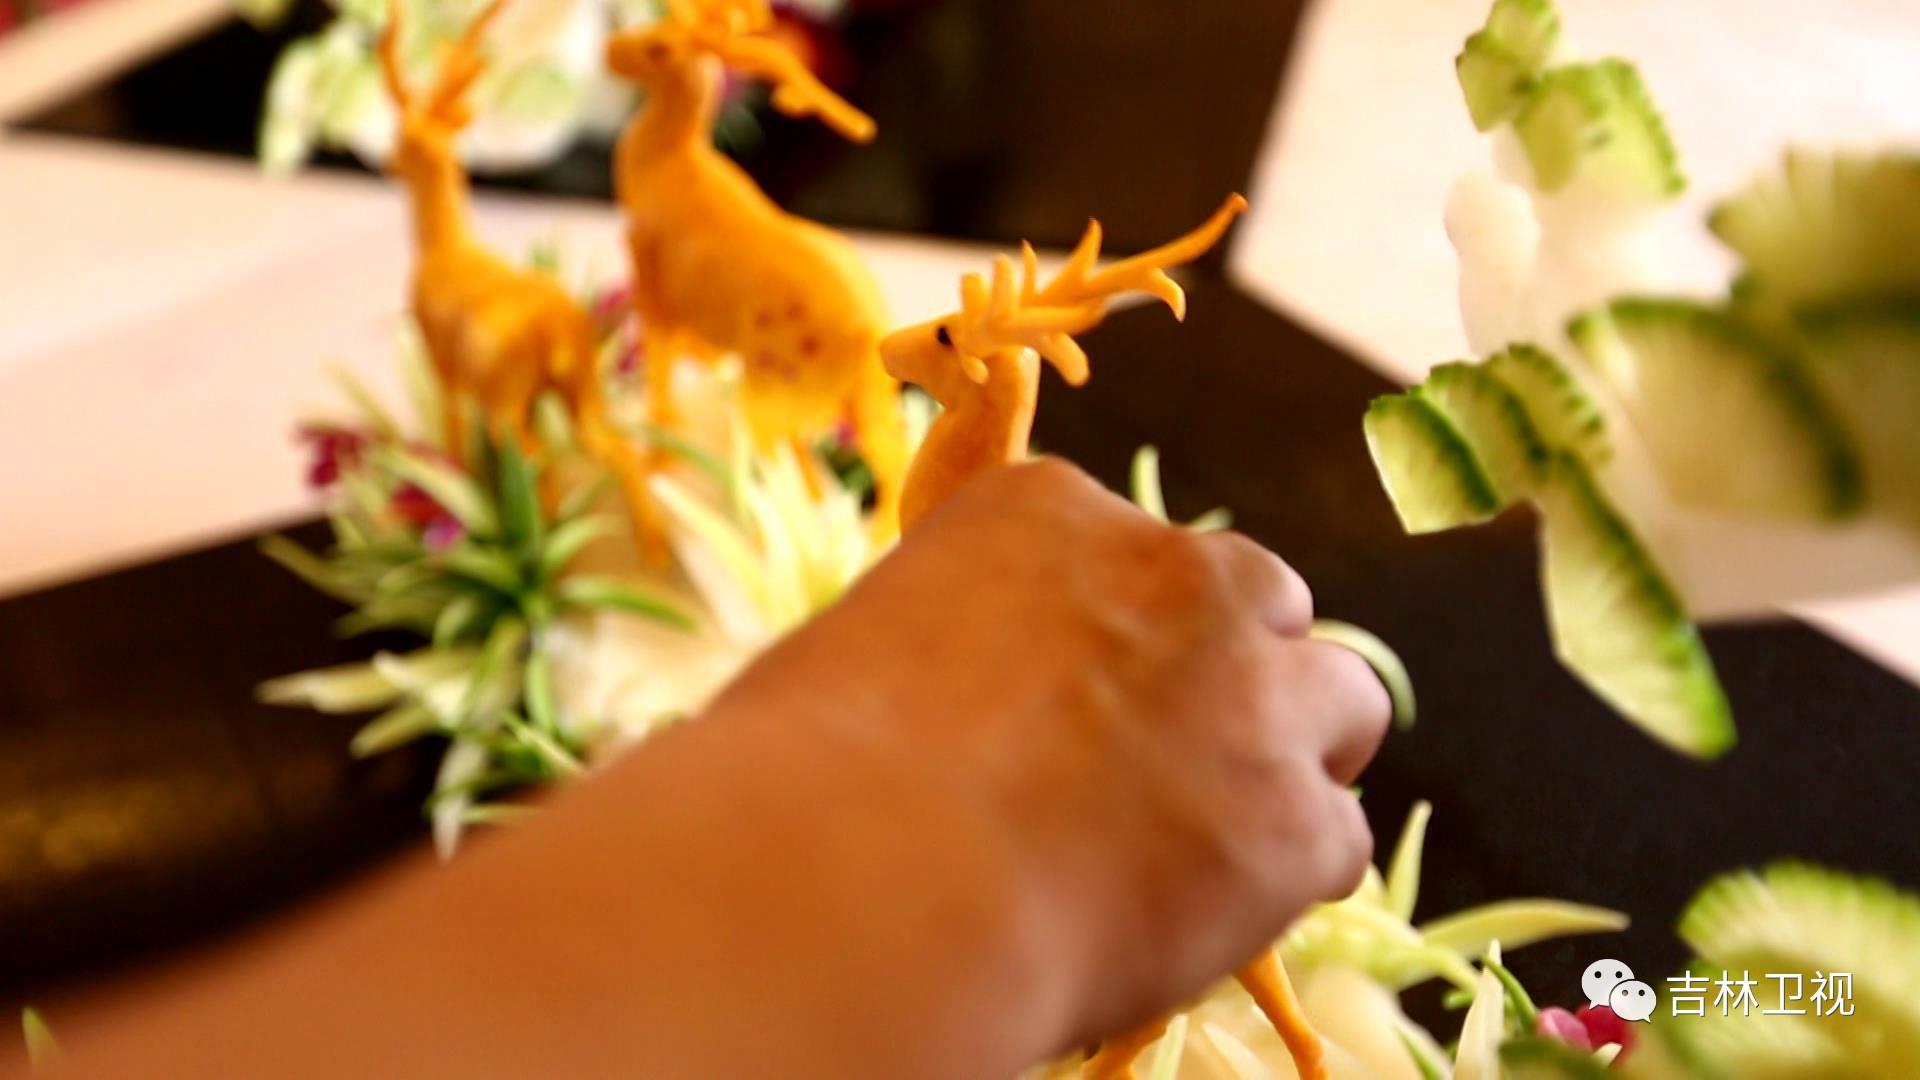 厨房里的魔法师 首届吉林省十大工匠,食雕厨师徐吉生